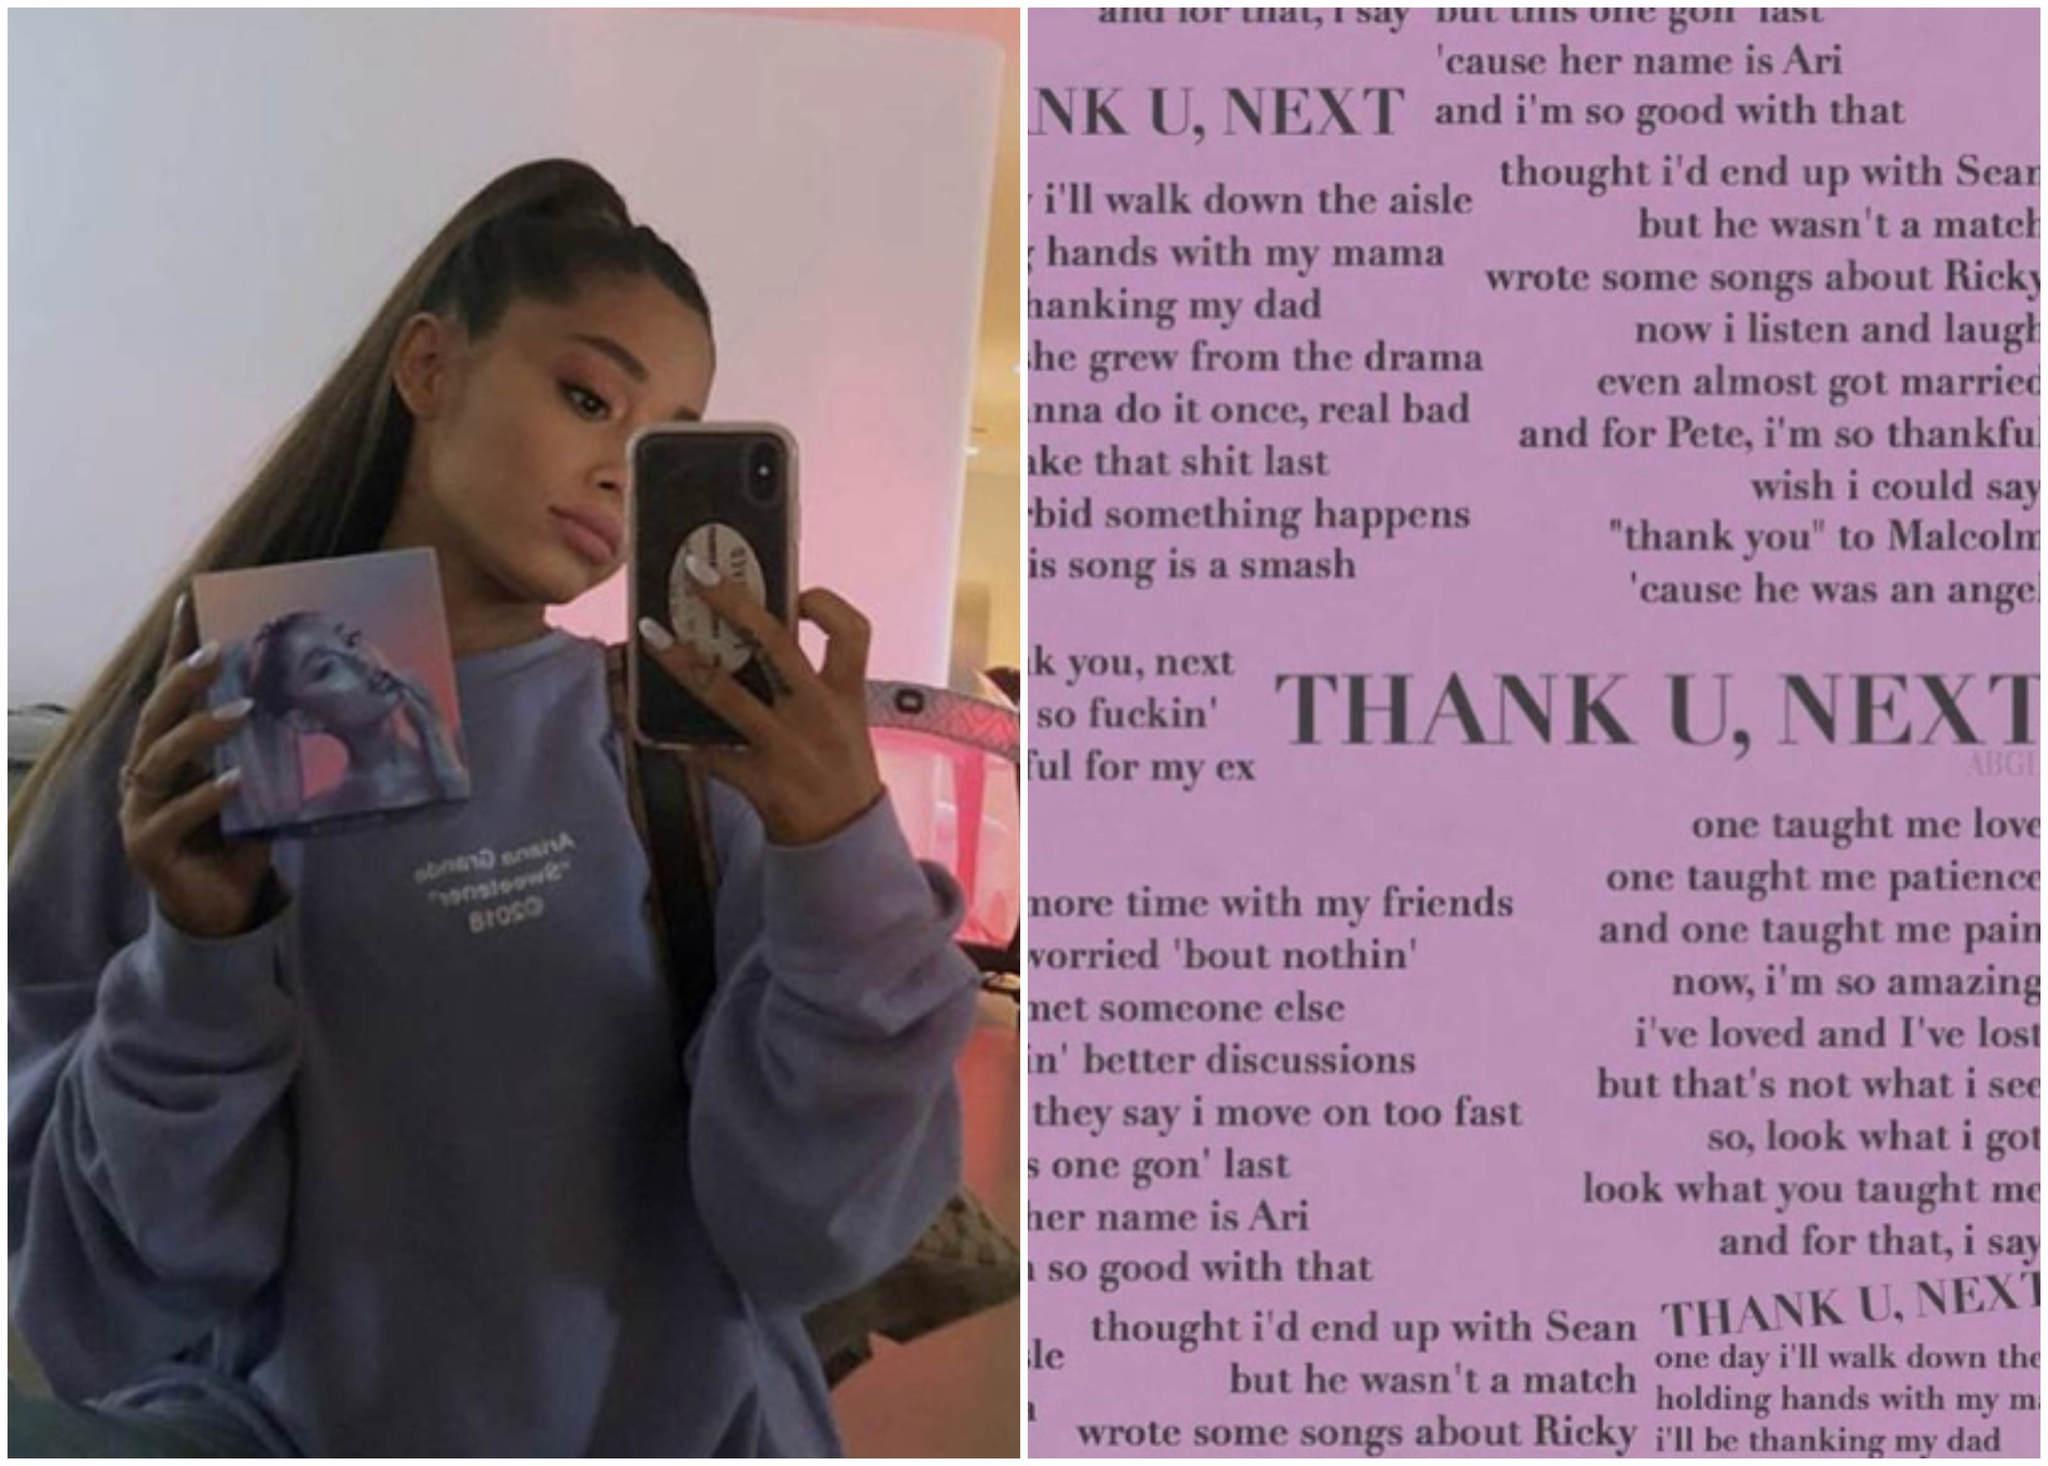 El nuevo álbum de Ariana Grande se titulará Thank U, Next, como su...